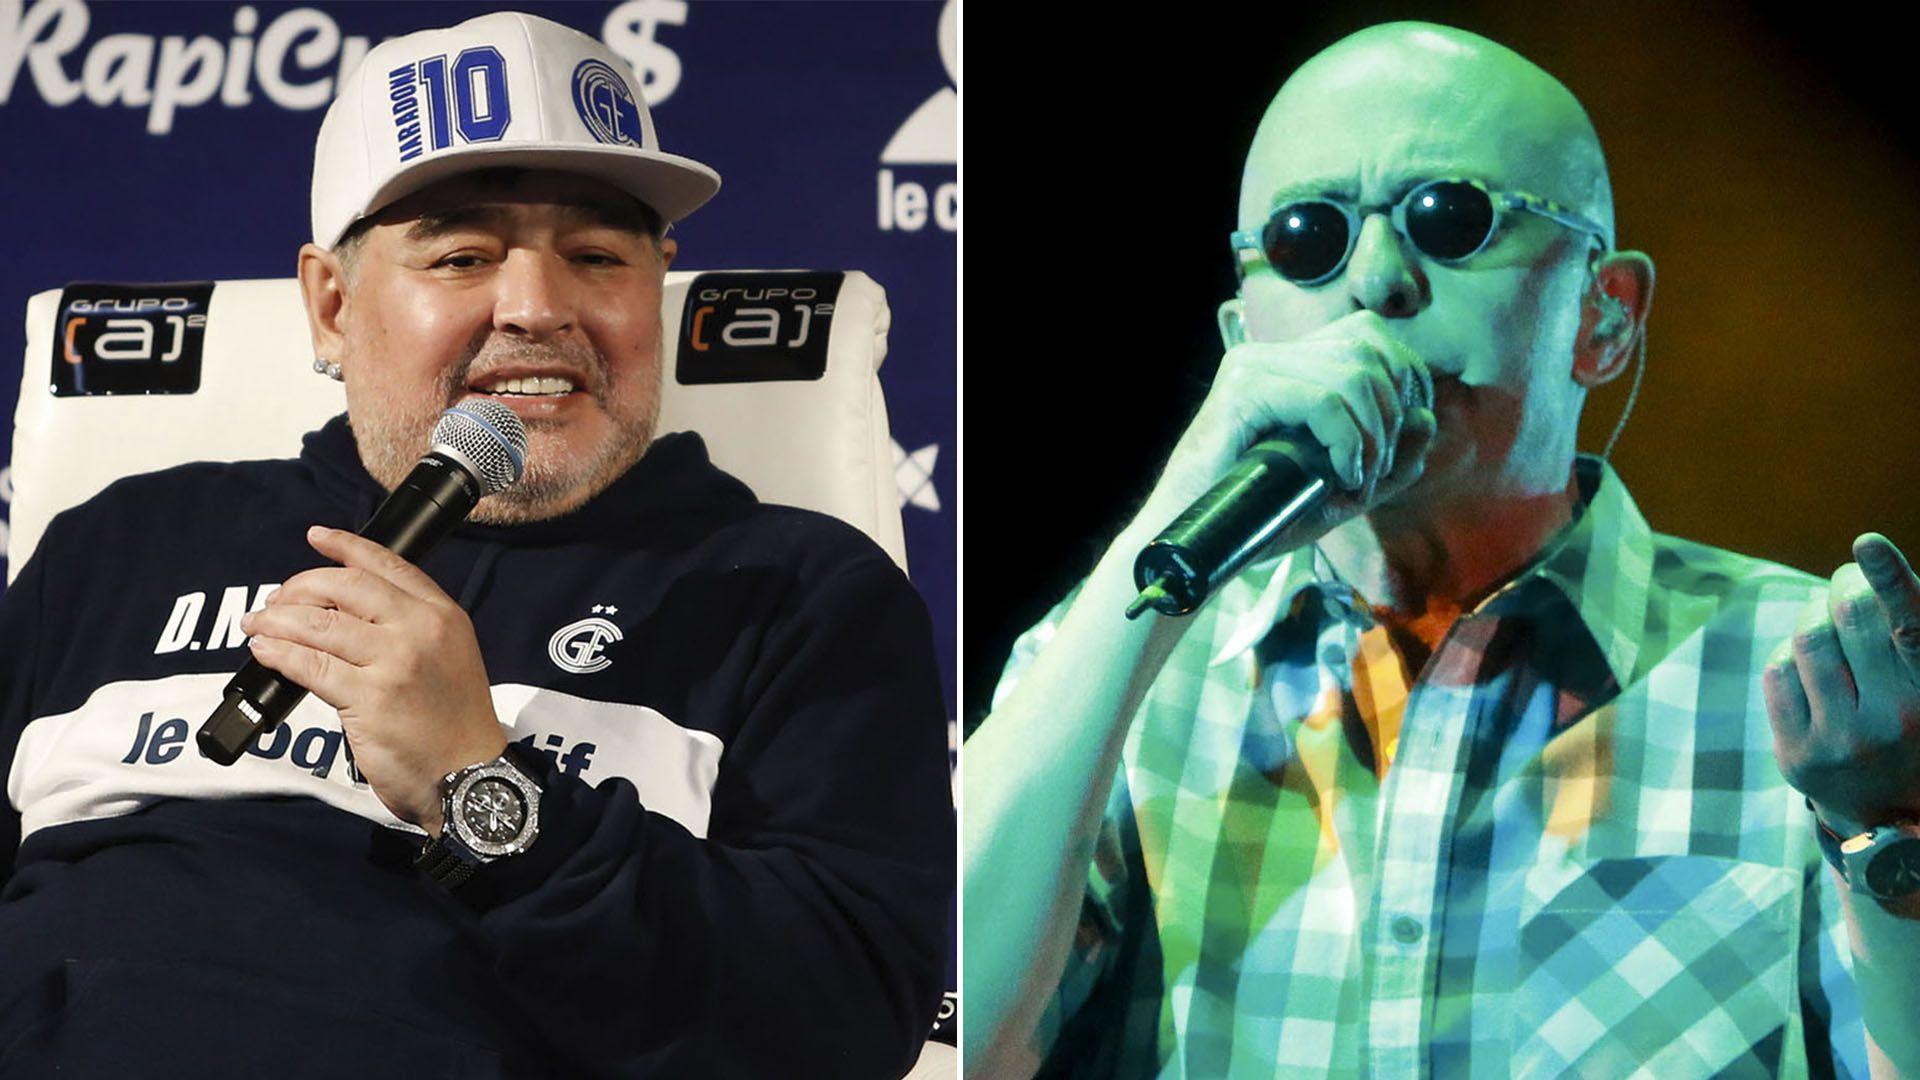 El cantante le dedicó unas palabras a Diego Maradona